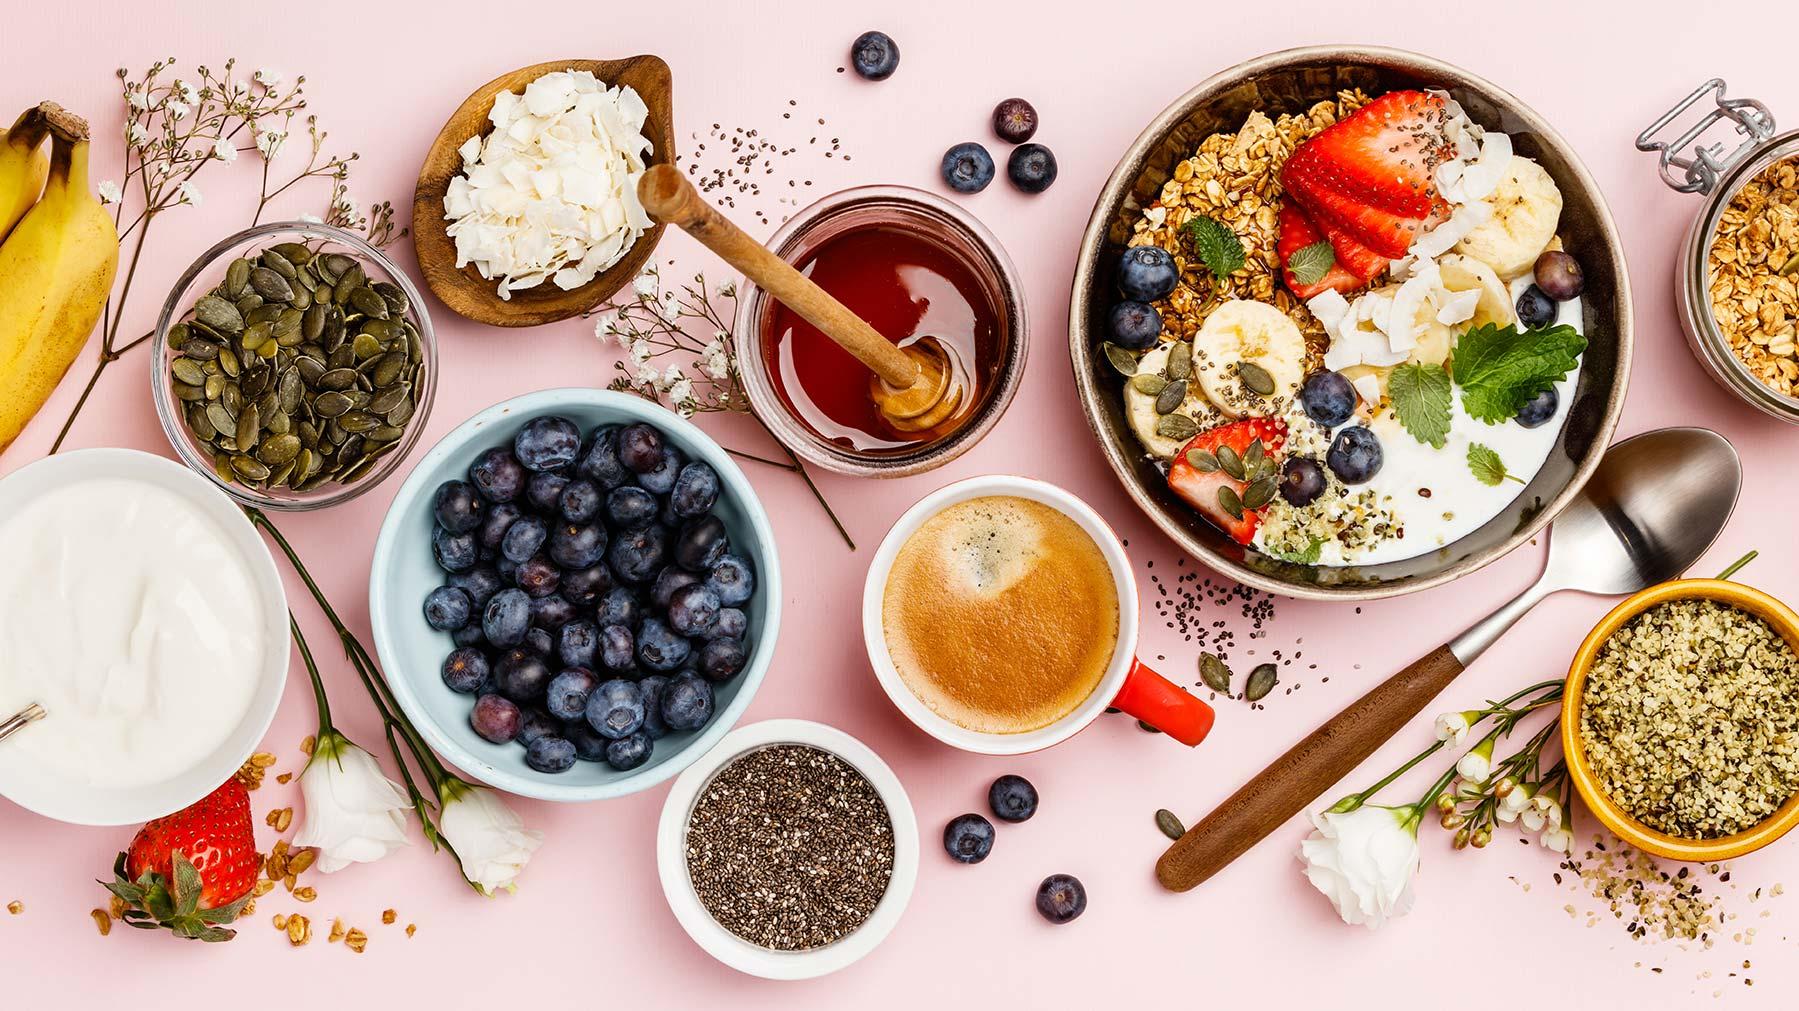 alimentazione sana per smartworking